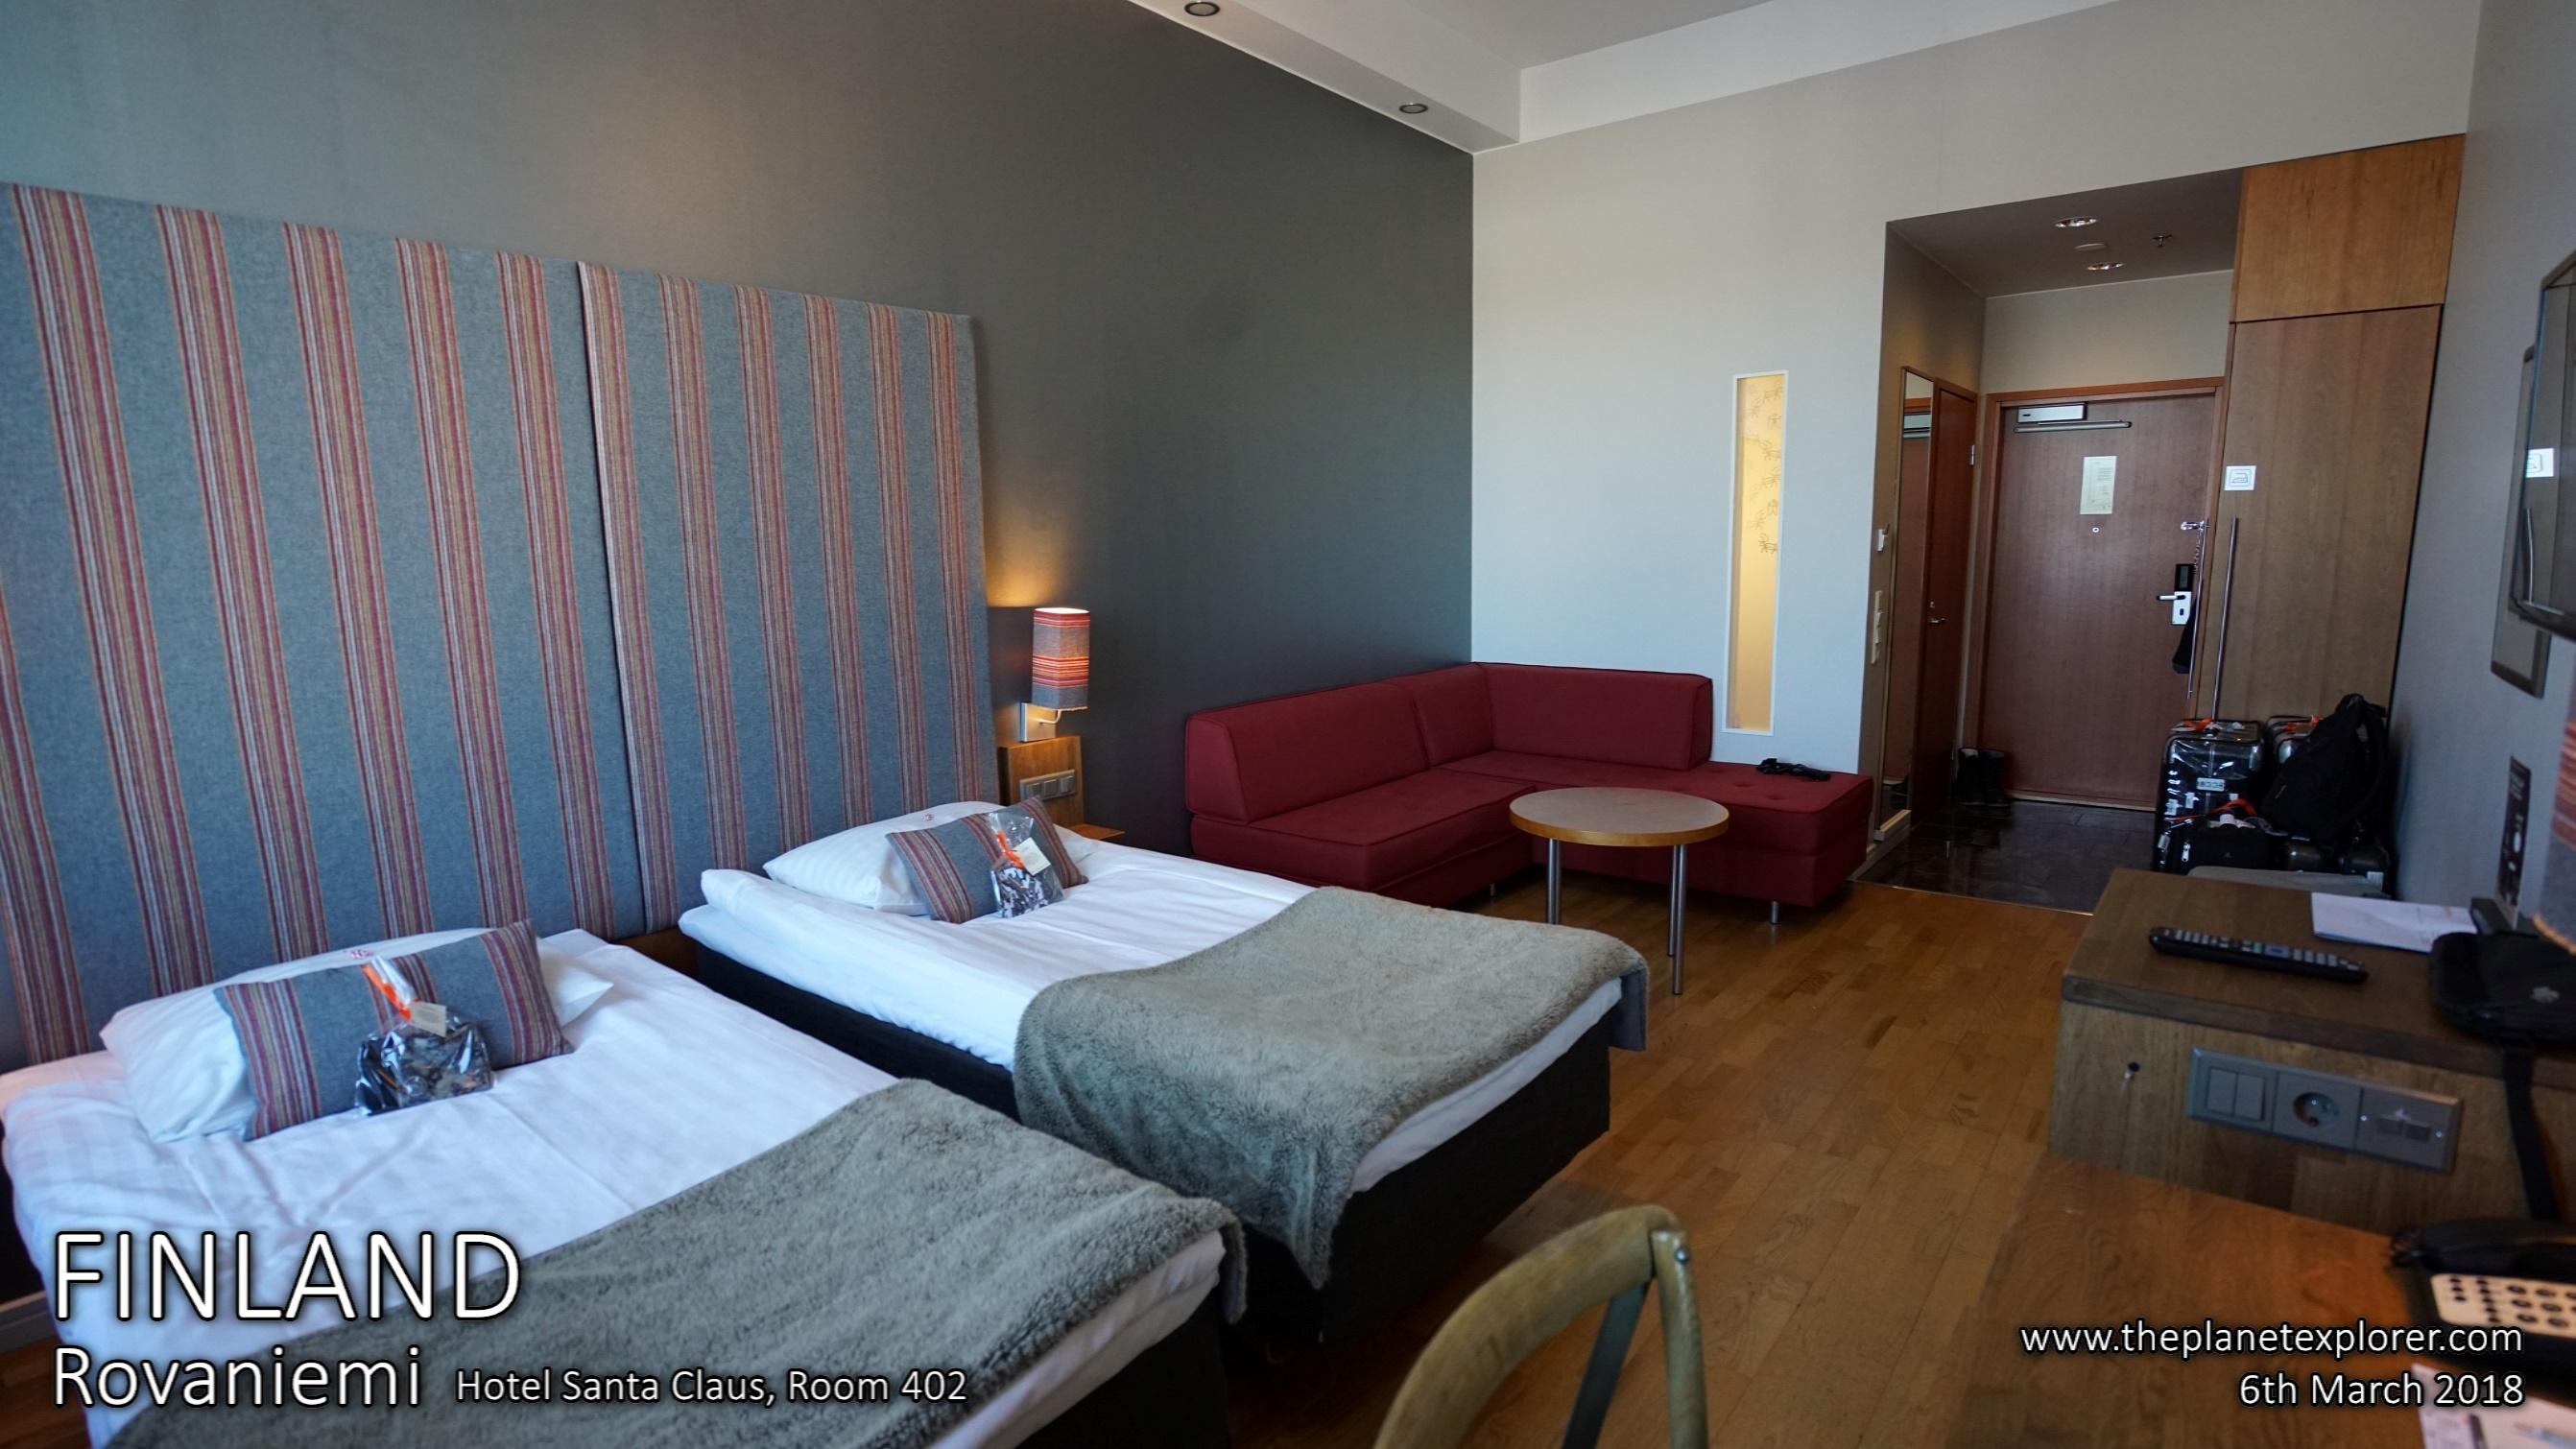 20180306_1452_Finland_Rovaniemi_Hotel Santa Claus_Rm 402_DSC09803_Sony a7R2_LR_@www